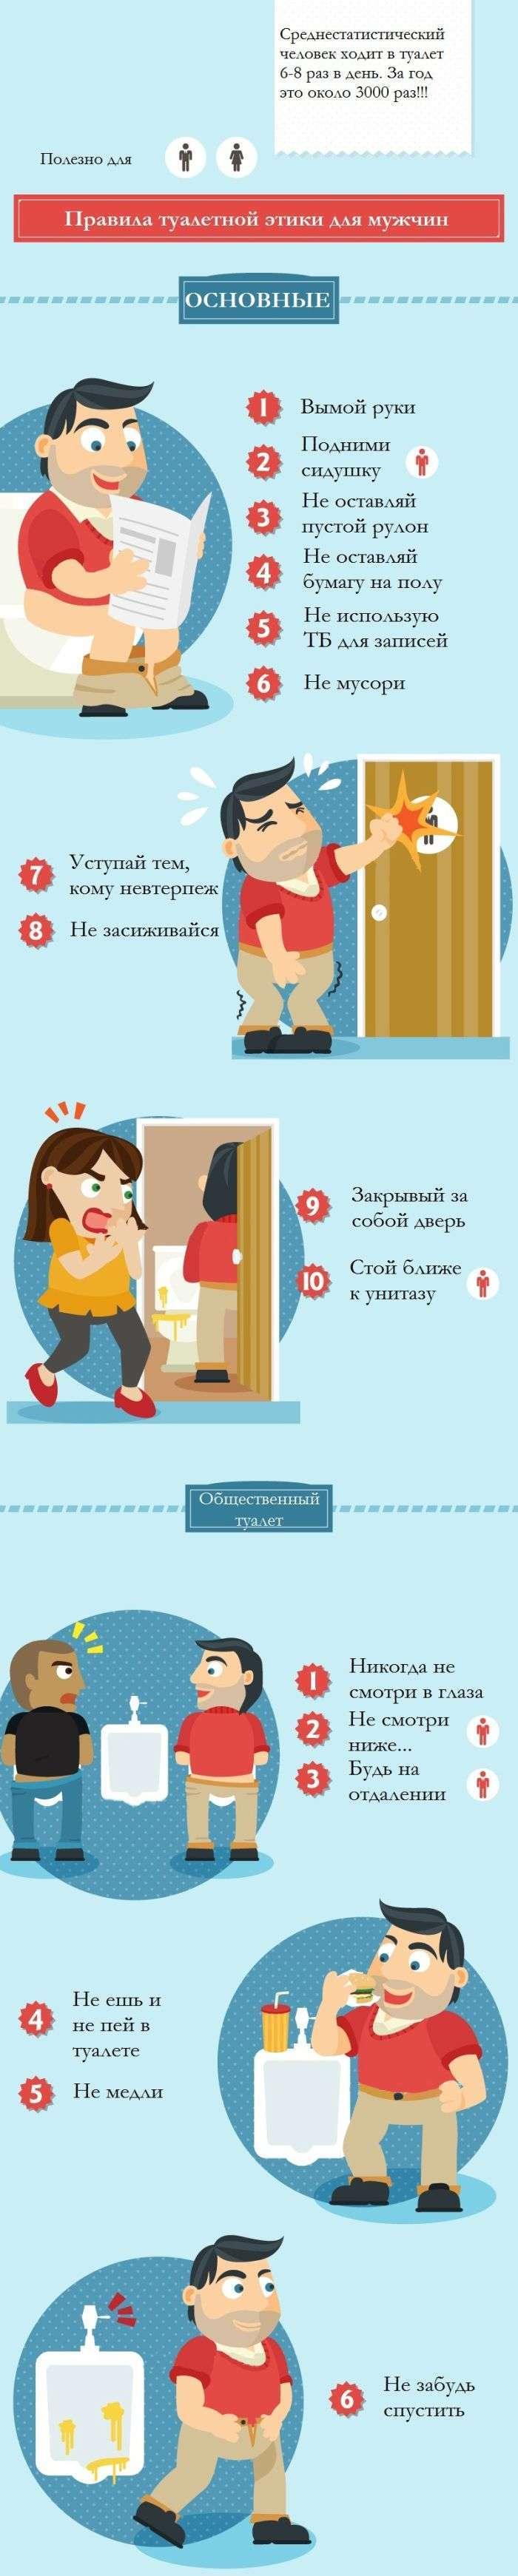 Туалетна етика для чоловіків (інфографіка)